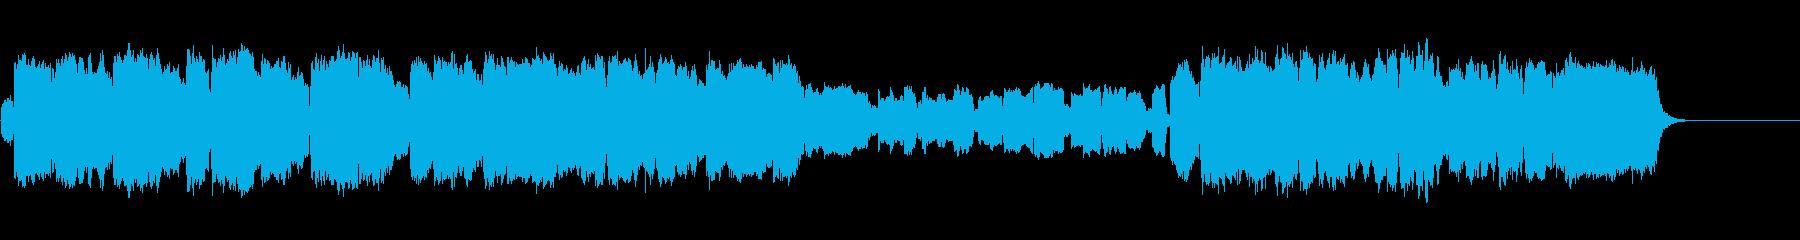 ノルウェーの結婚行進曲(フエ四重奏)の再生済みの波形